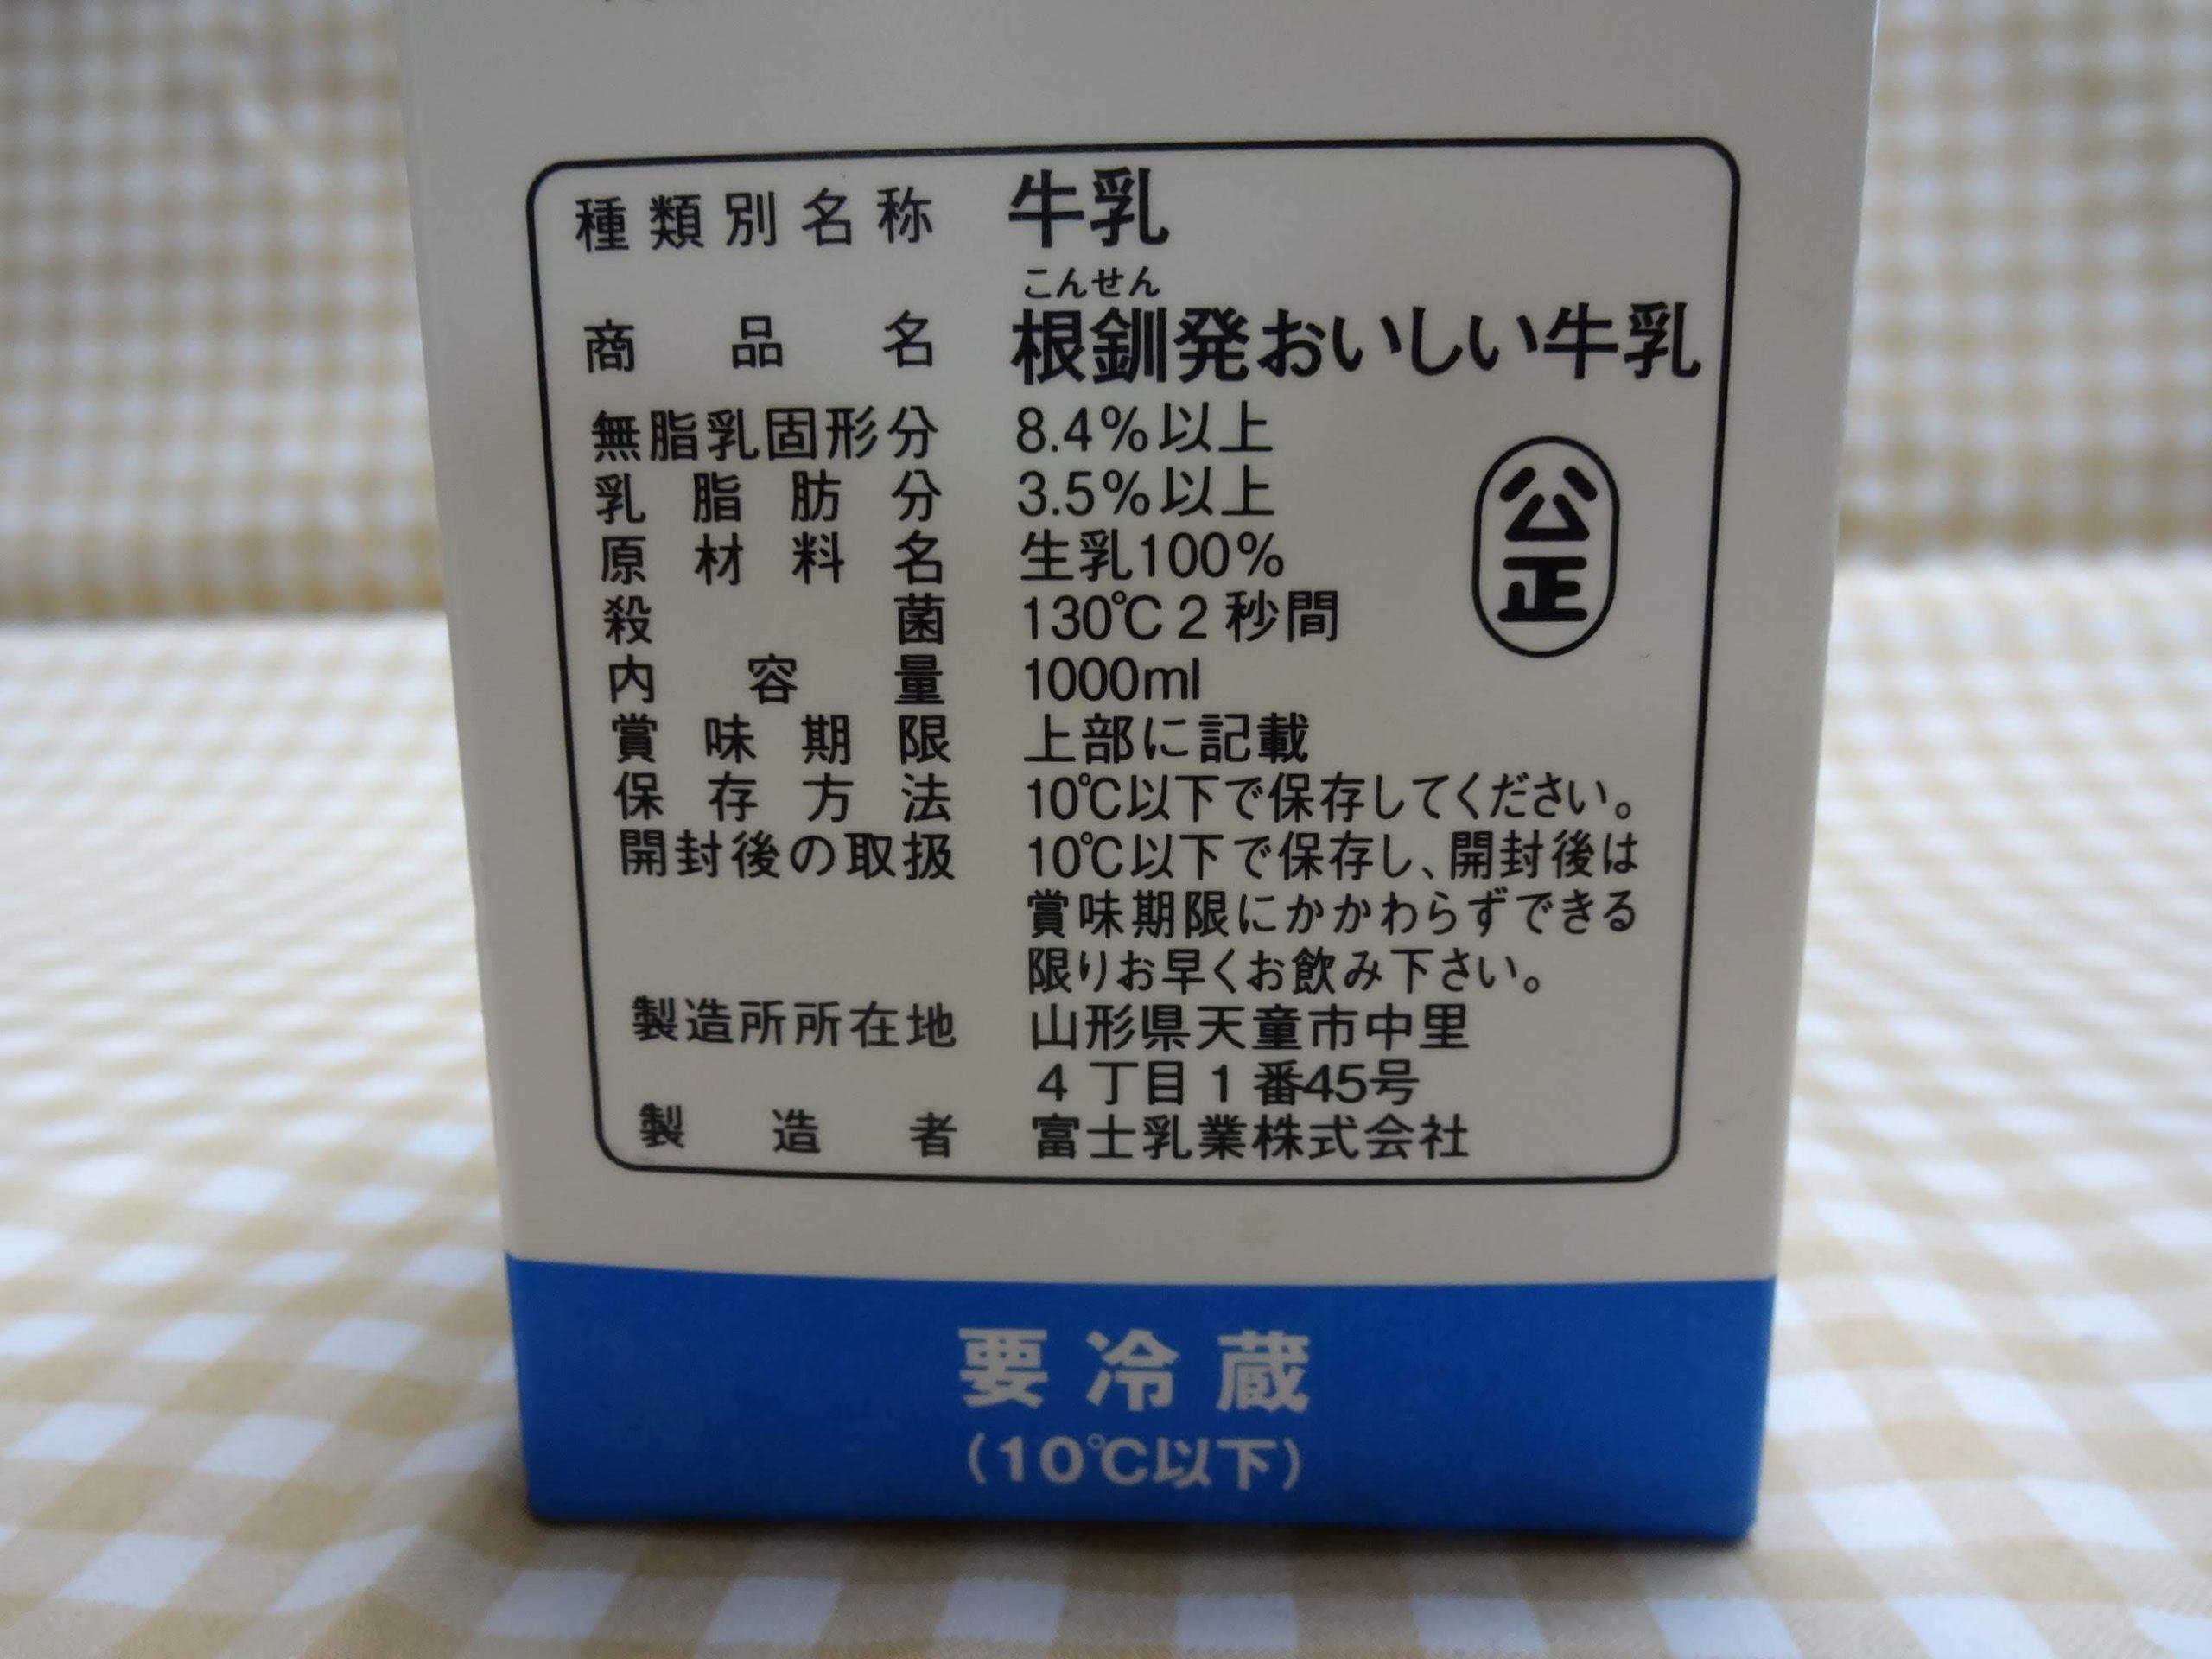 根釧発おいしい牛乳/富士乳業_DSC00117